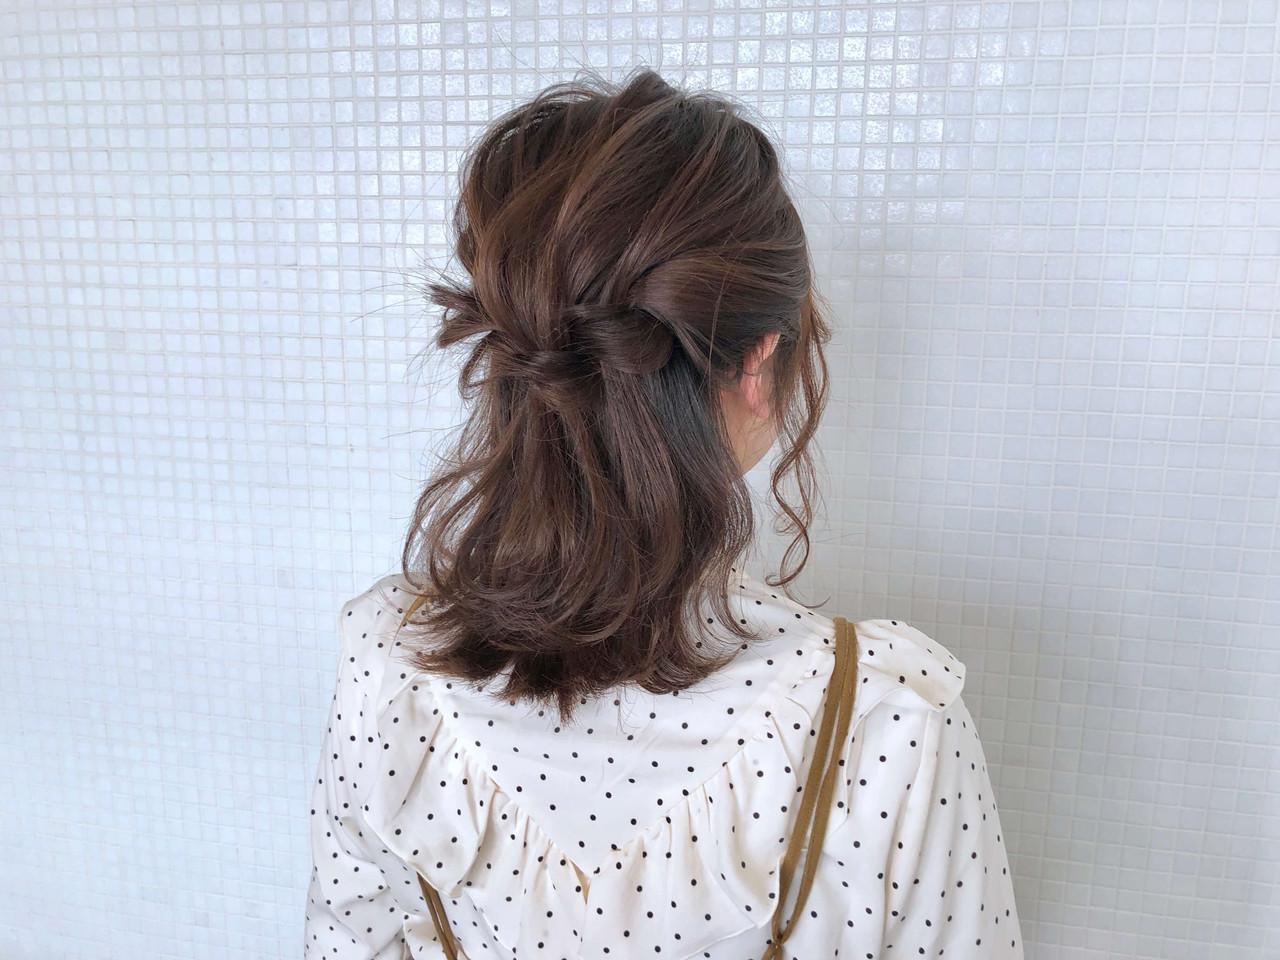 ツイスト ミディアム ナチュラル 簡単ヘアアレンジ ヘアスタイルや髪型の写真・画像